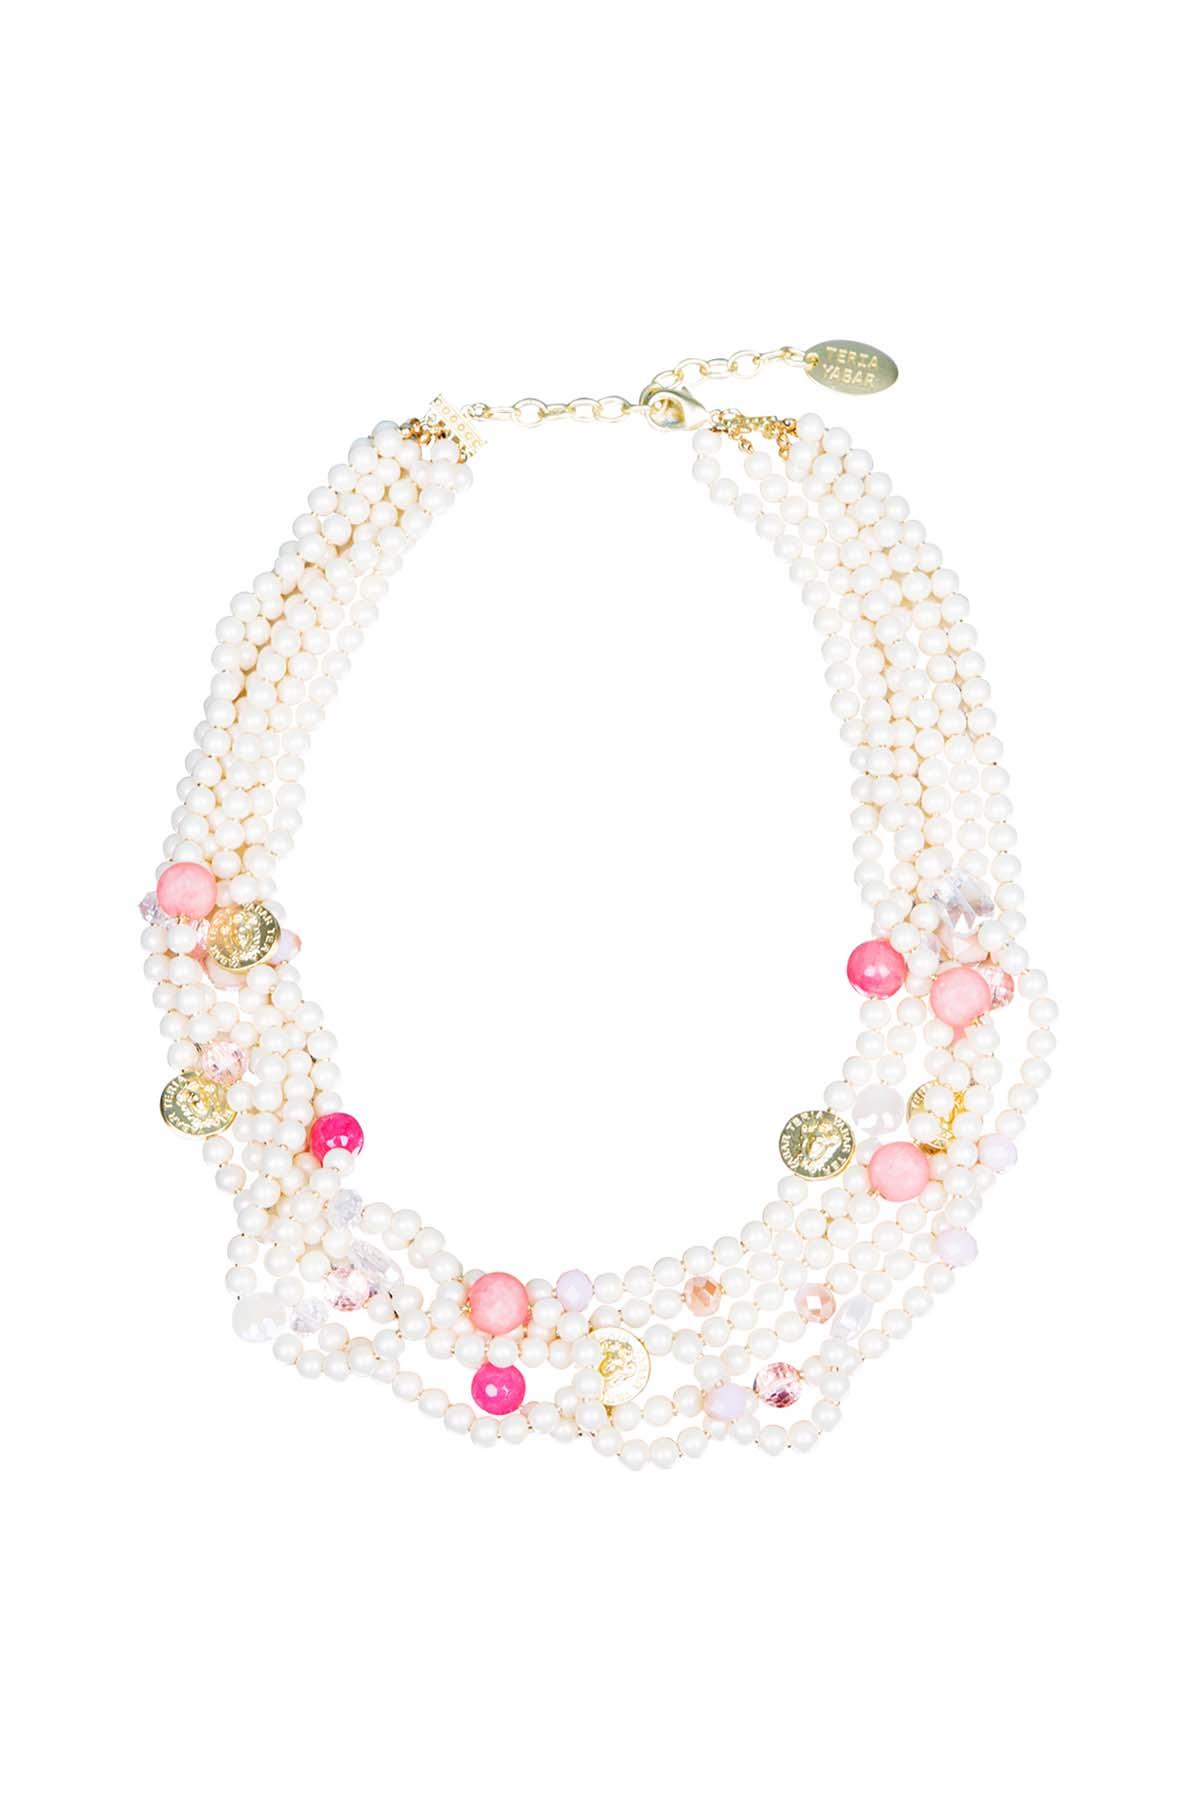 Teria Yabar - Collar de perlas y bolas de resina